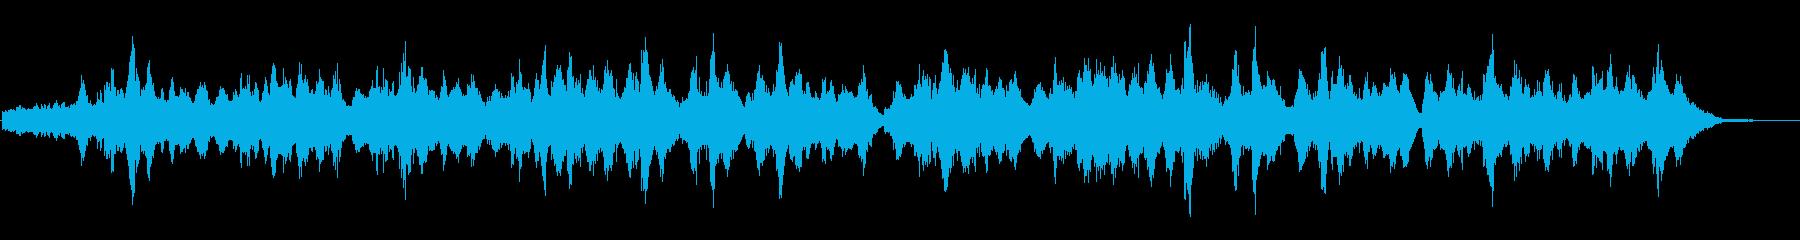 生演奏による二胡のドラマティックな曲の再生済みの波形